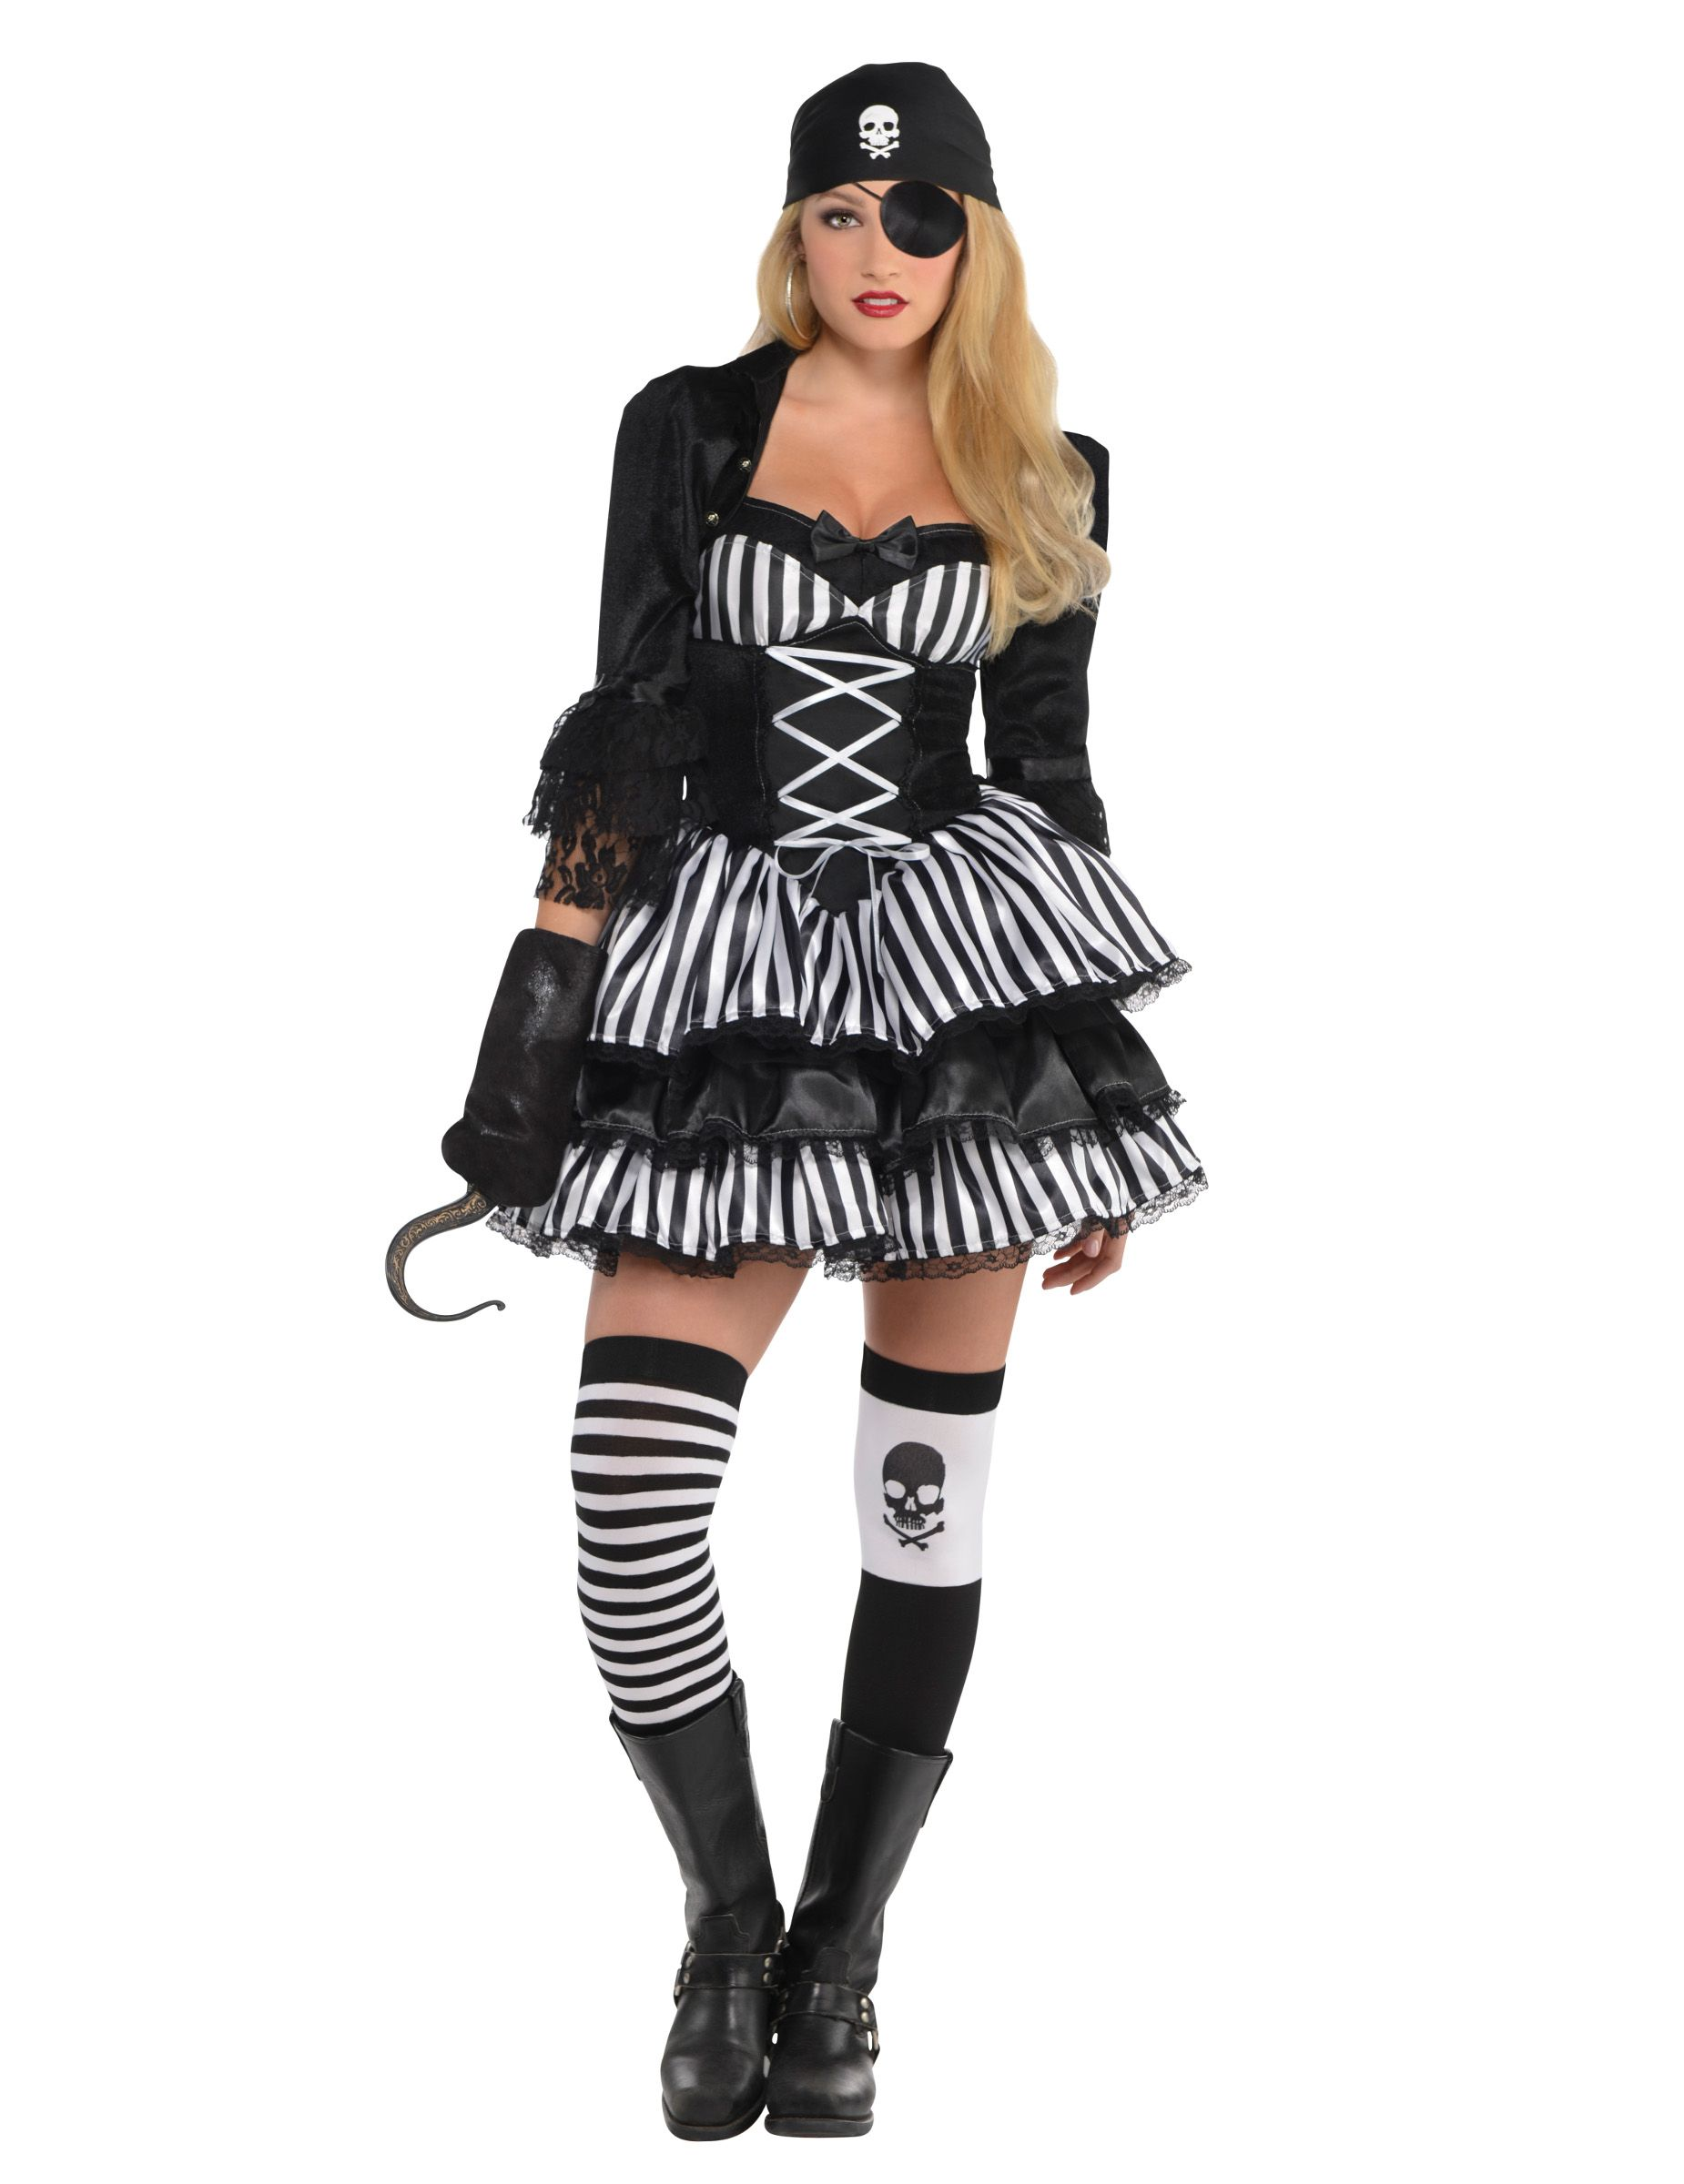 Costume piratessa bianco e nero per donna  Questo travestimento da corsaro  a righe bianche e nere comprende un vestito 9b70c555740